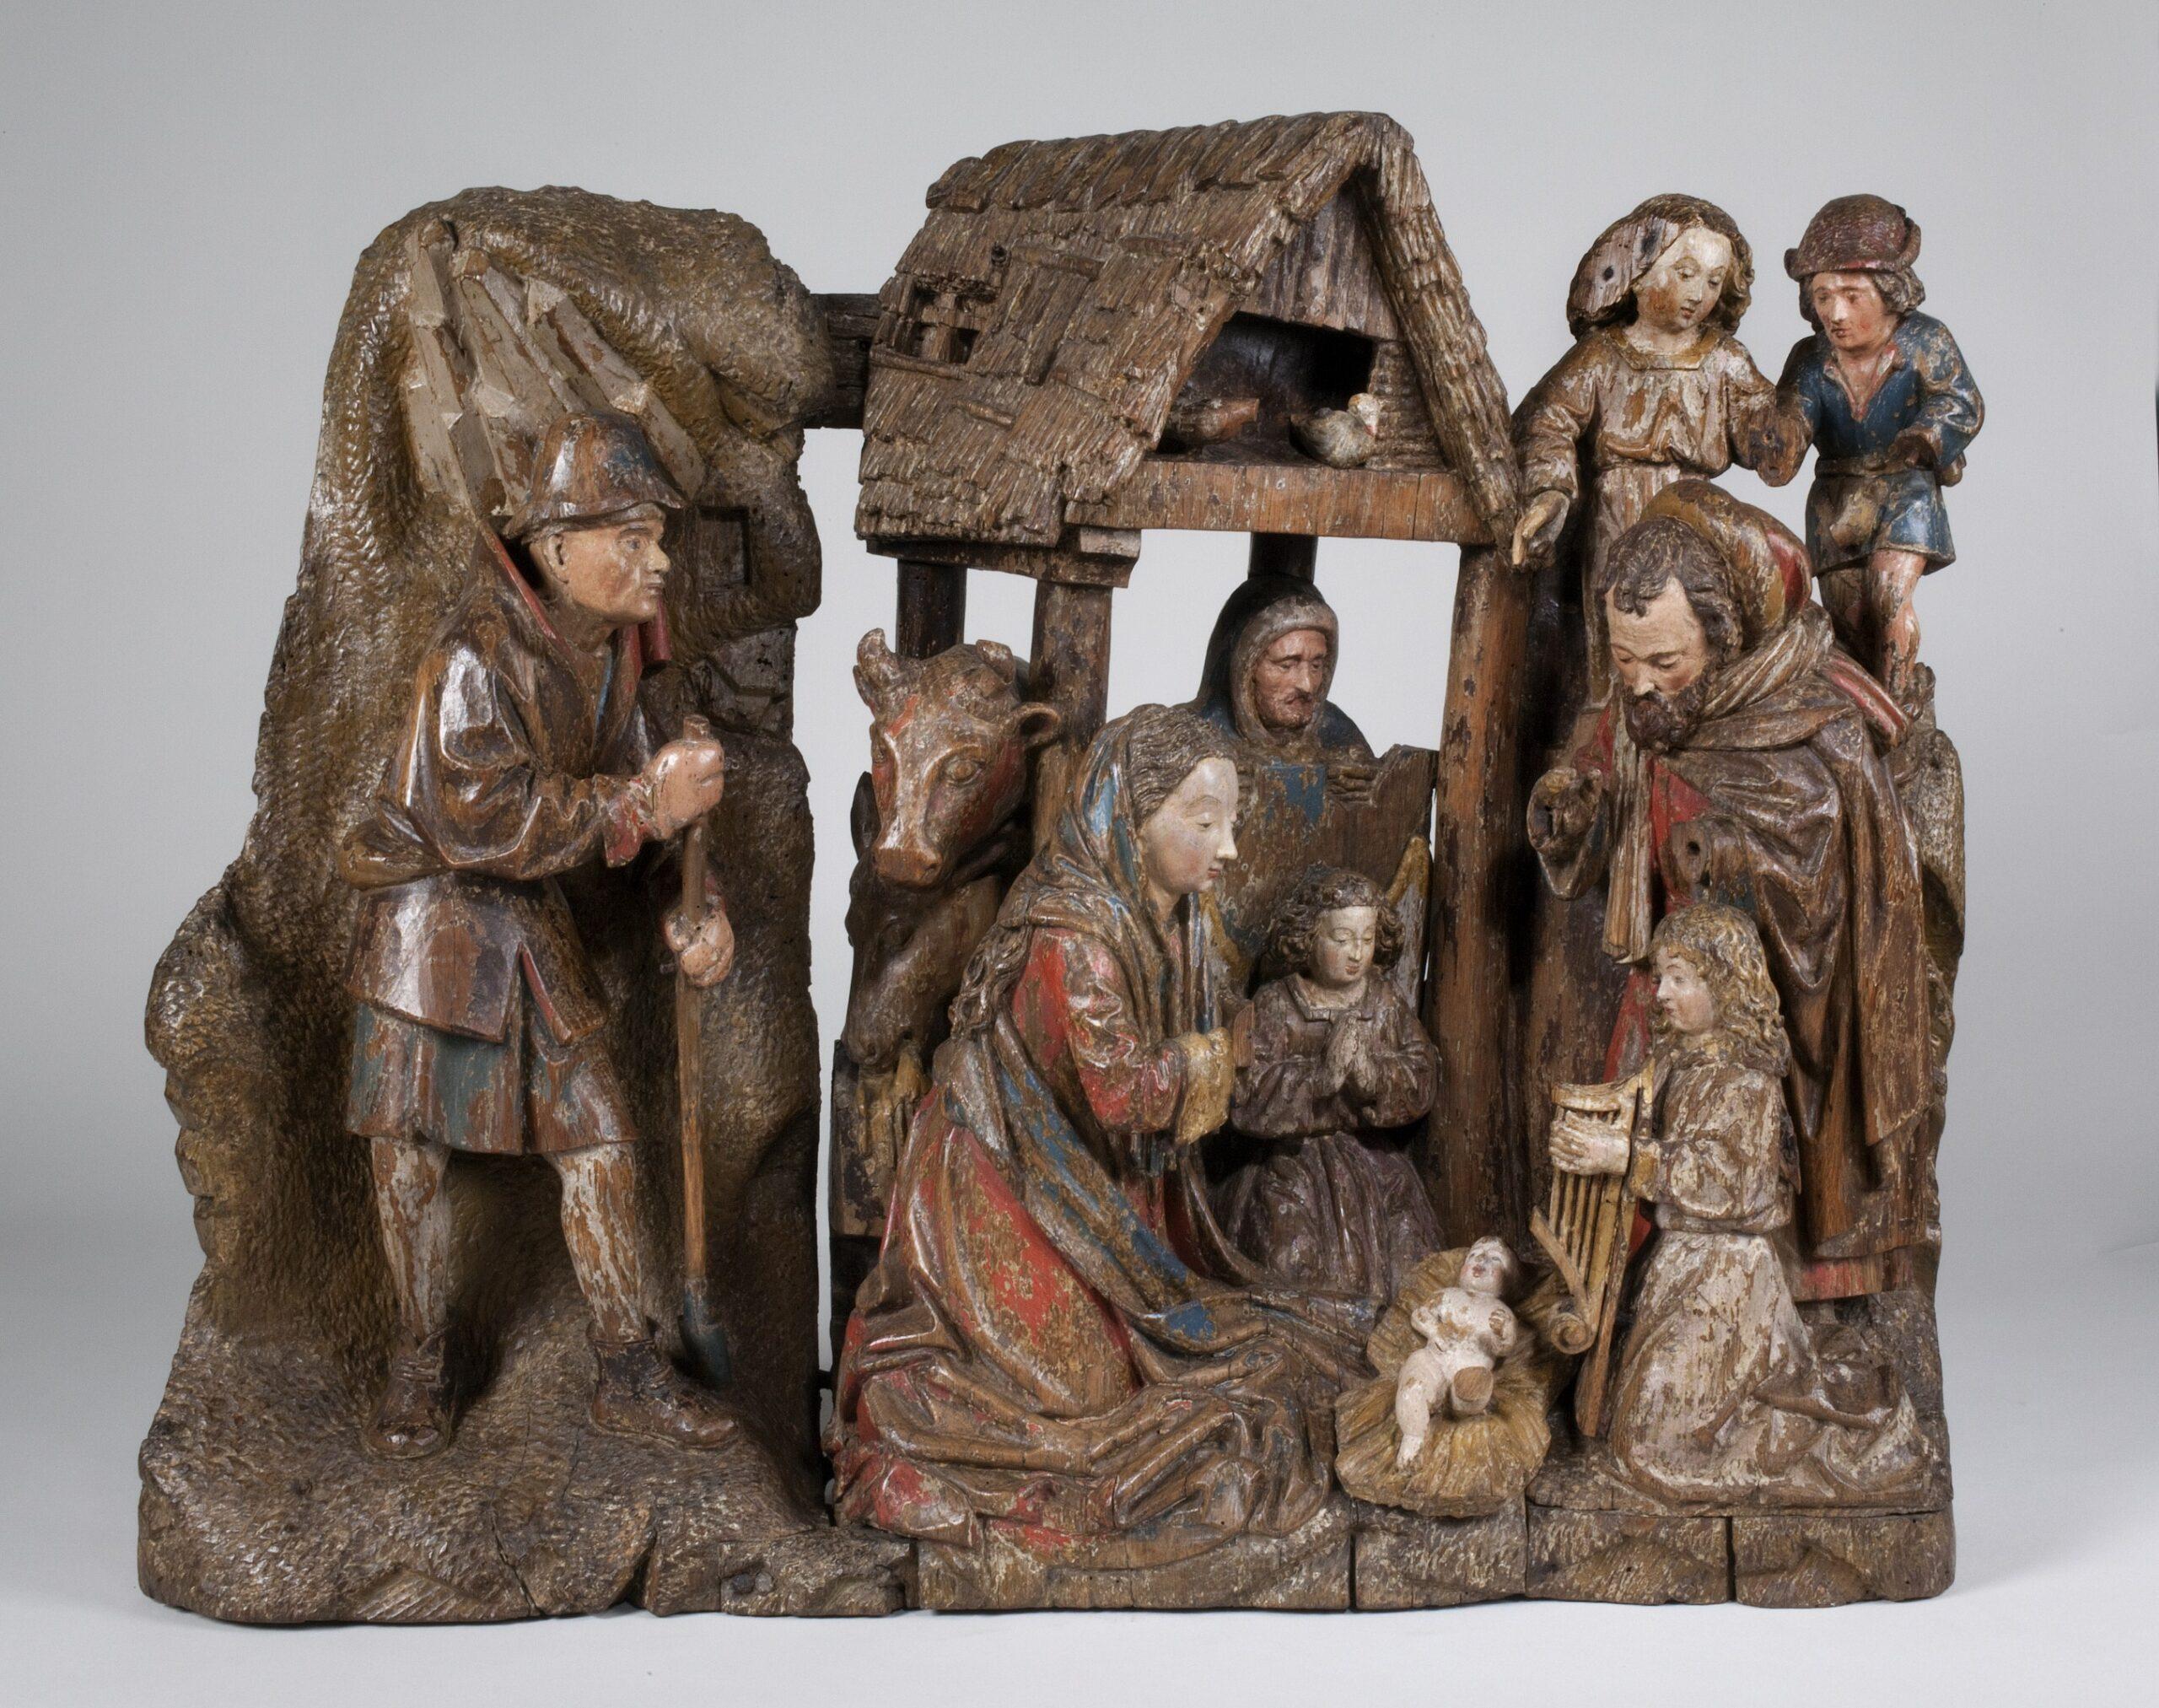 The Adoration of the Shepherds, Utrecht, ca. 1490-1500Museum Catharijneconvent, Utrecht